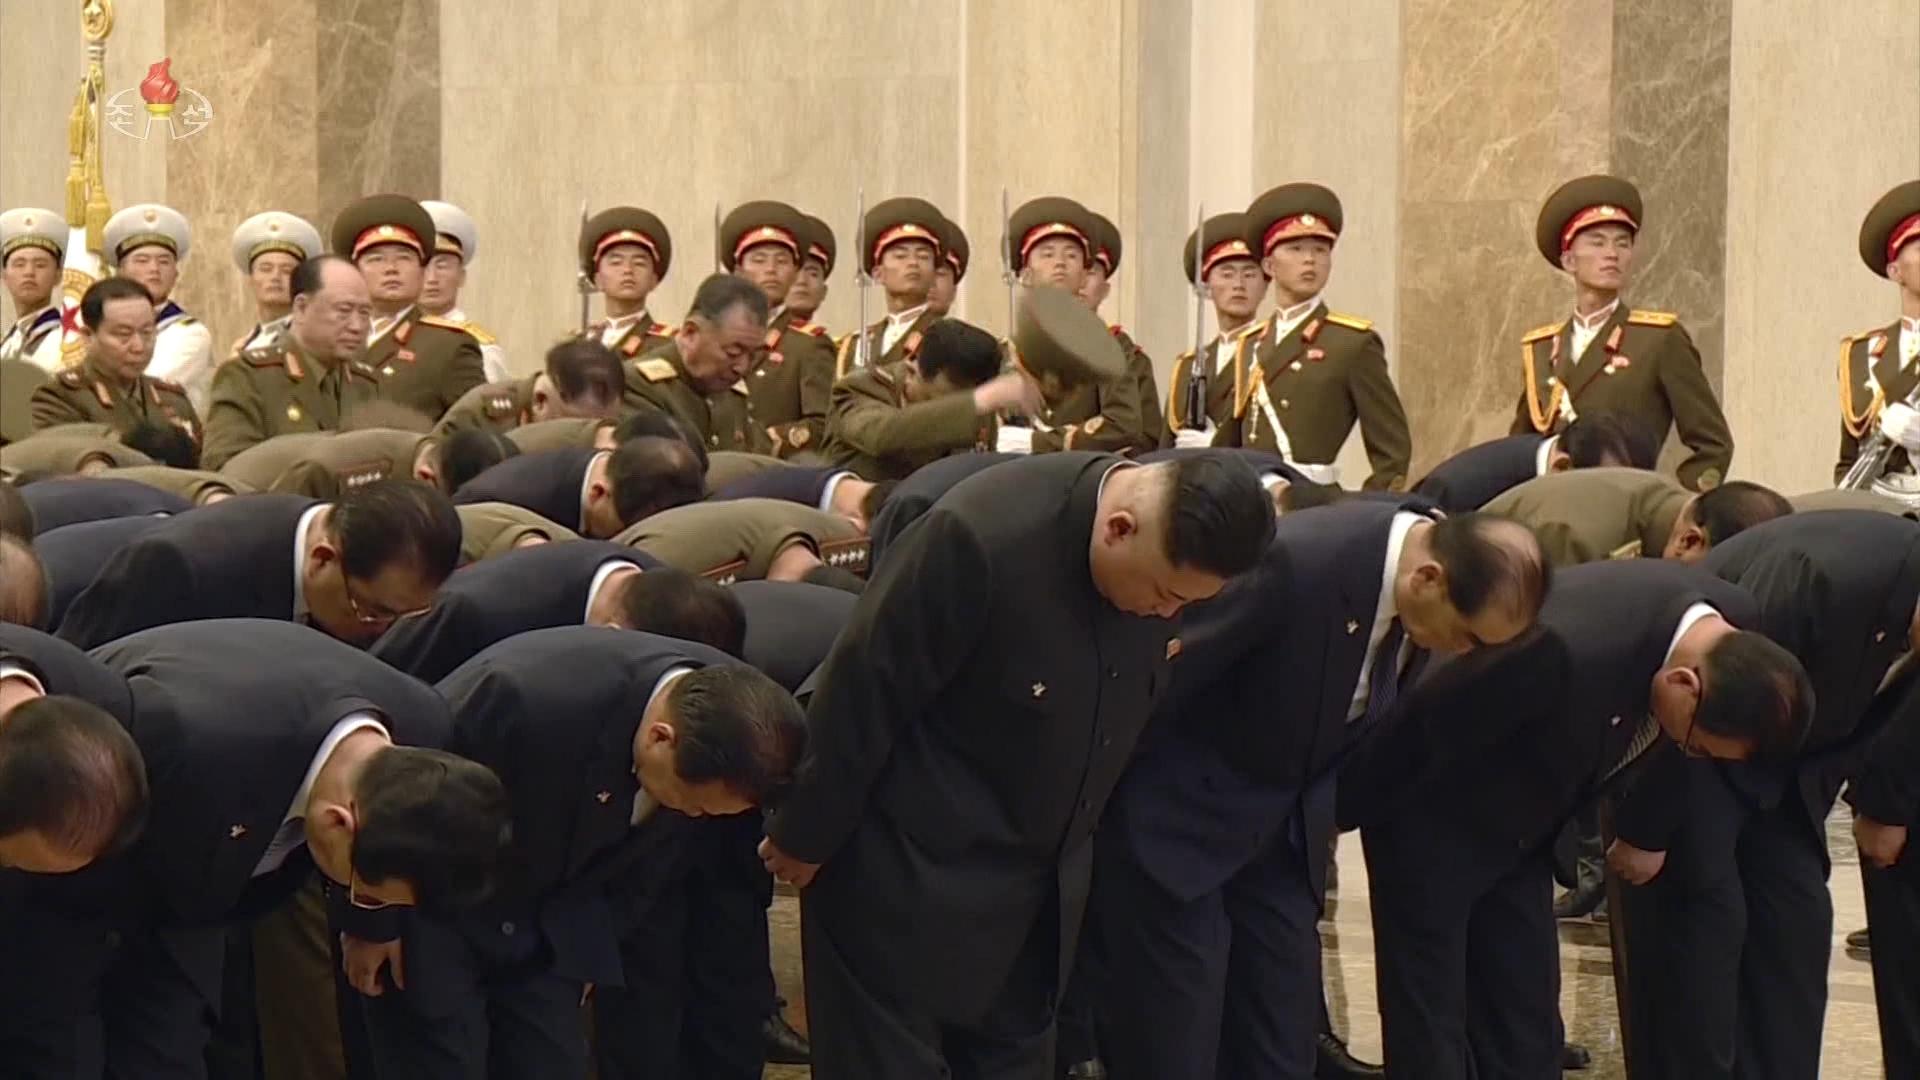 김정은 북한 국무위원장이 김일성 주석 사망 25주기인 8일 김 주석의 시신이 안치된 금수산태양궁전을 참배했다. [연합뉴스]